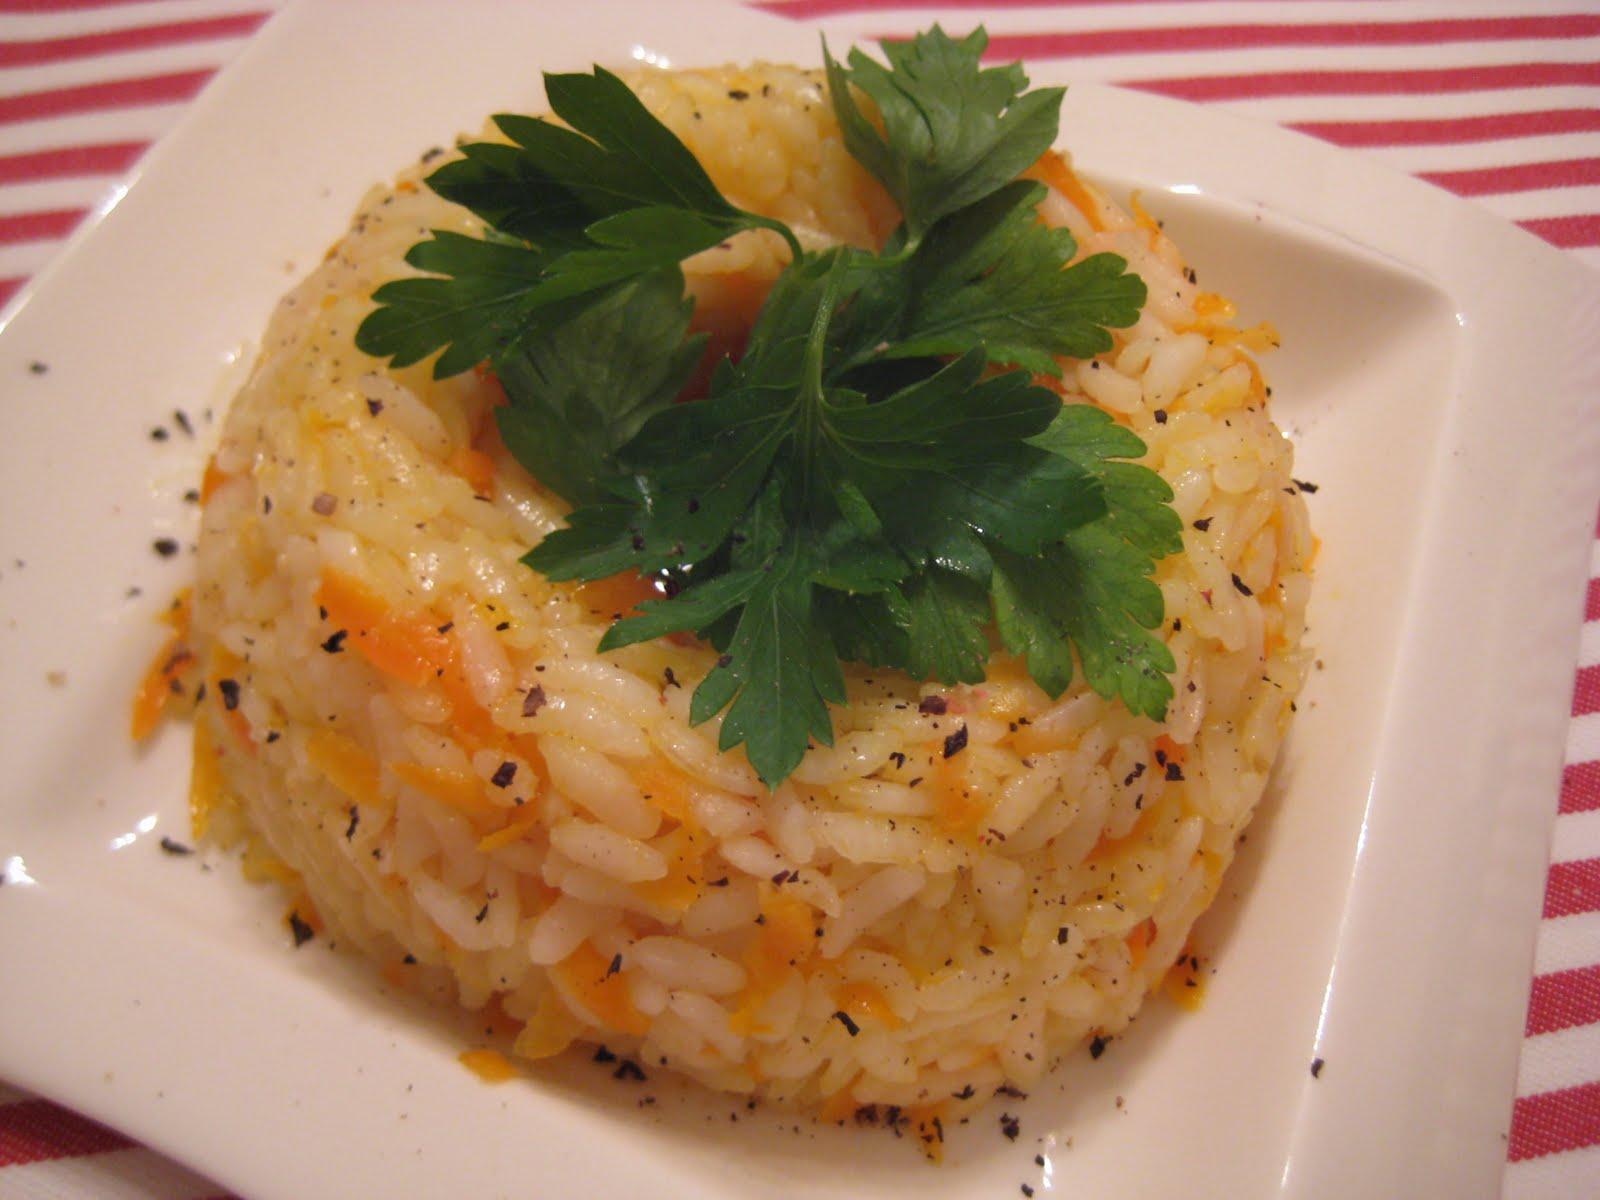 Patates çorbası cahide ile Etiketlenen Konular 23